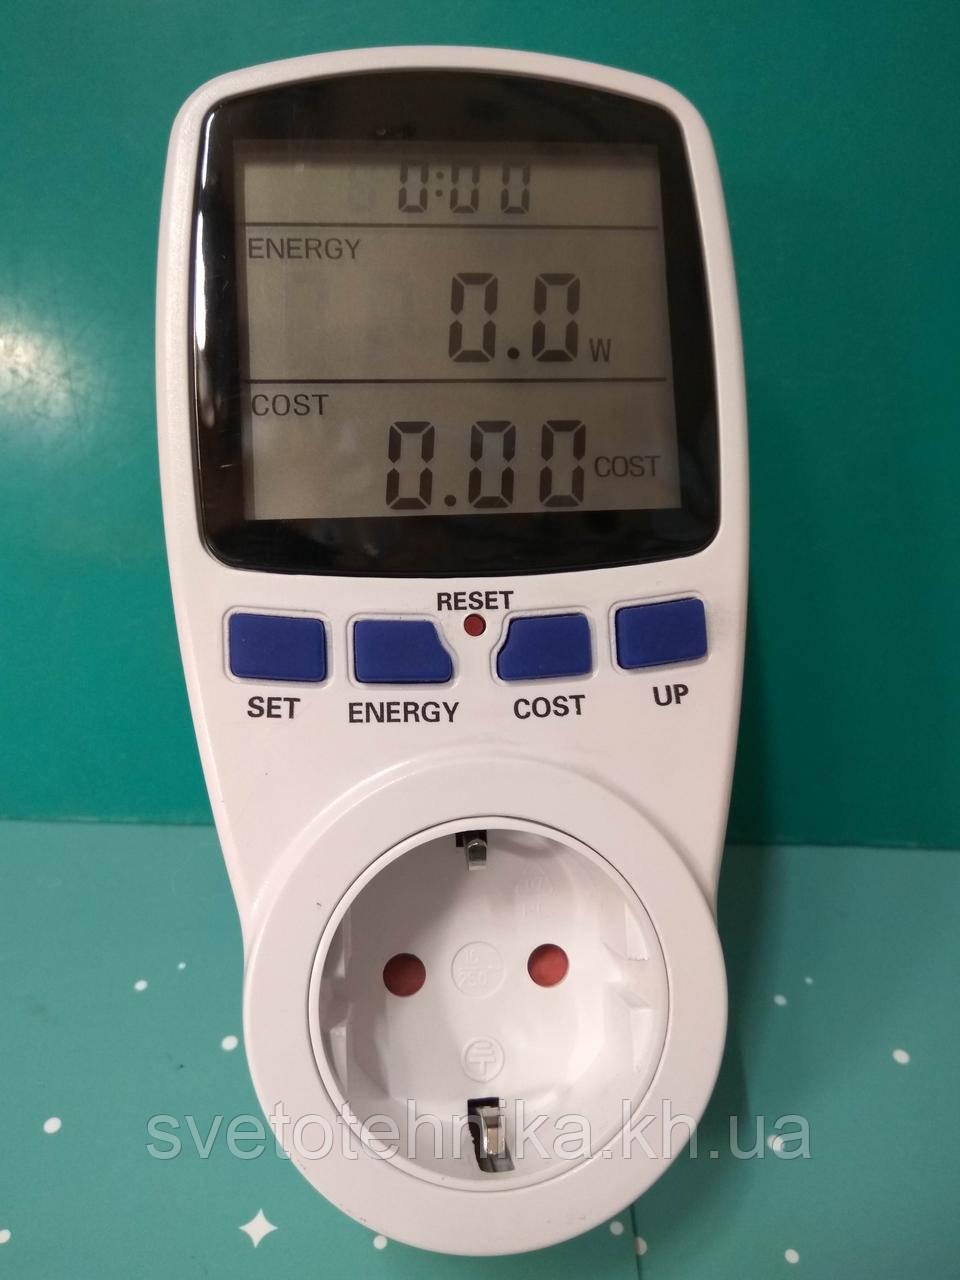 Энергометр (измеритель мощности и расхода электроэнергии) Feron TM55 3680W 230V - фото 9